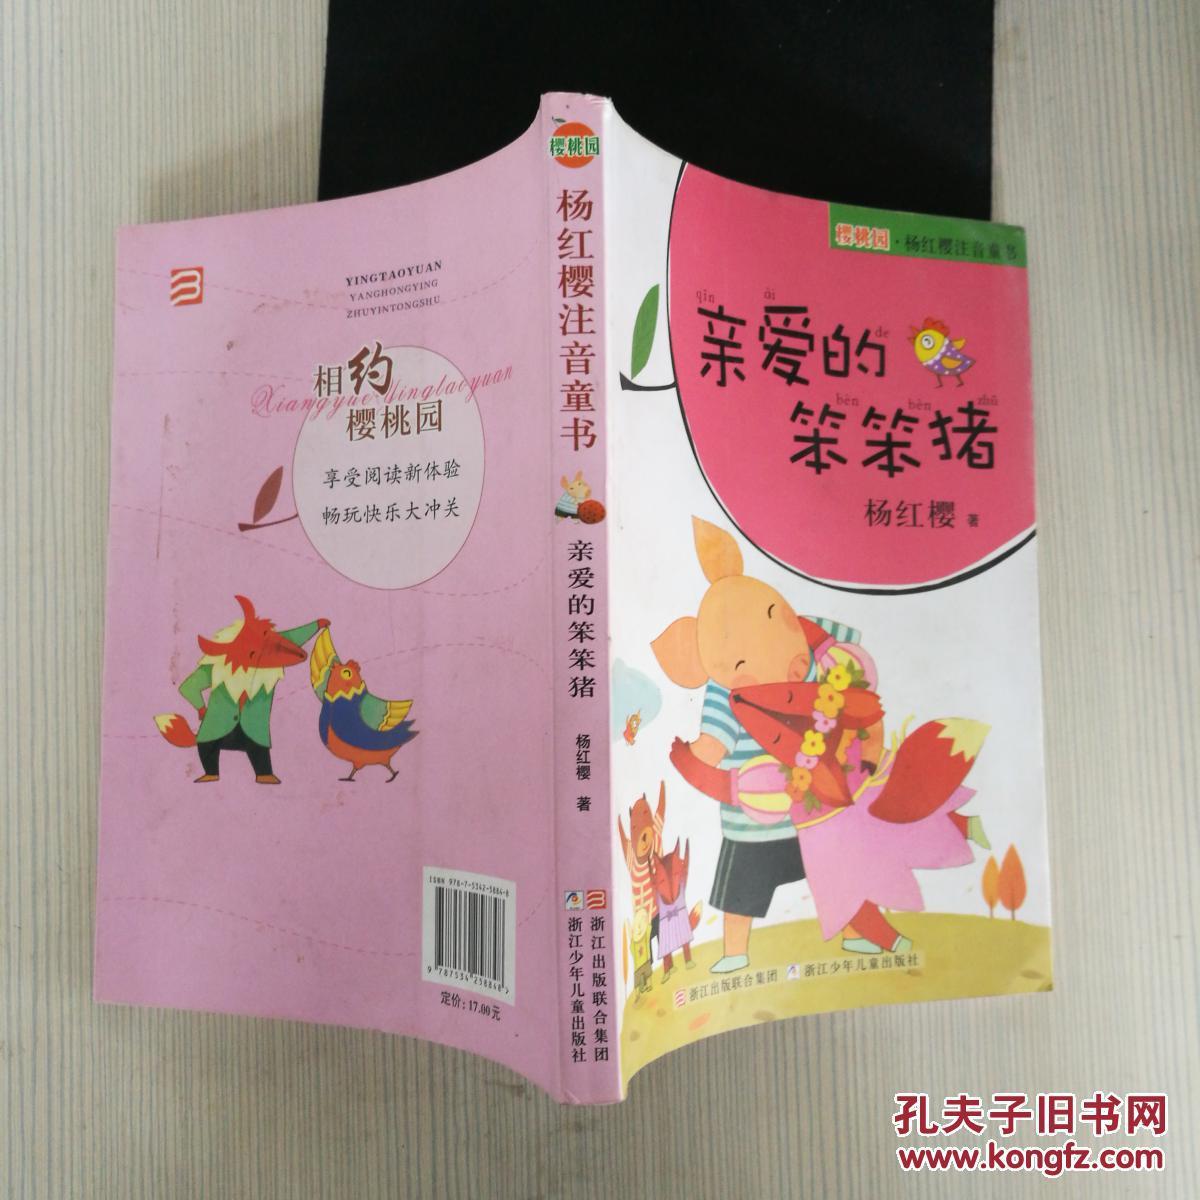 《亲爱的笨笨猪》趣味性十足,可以亲子共读学习美好品质